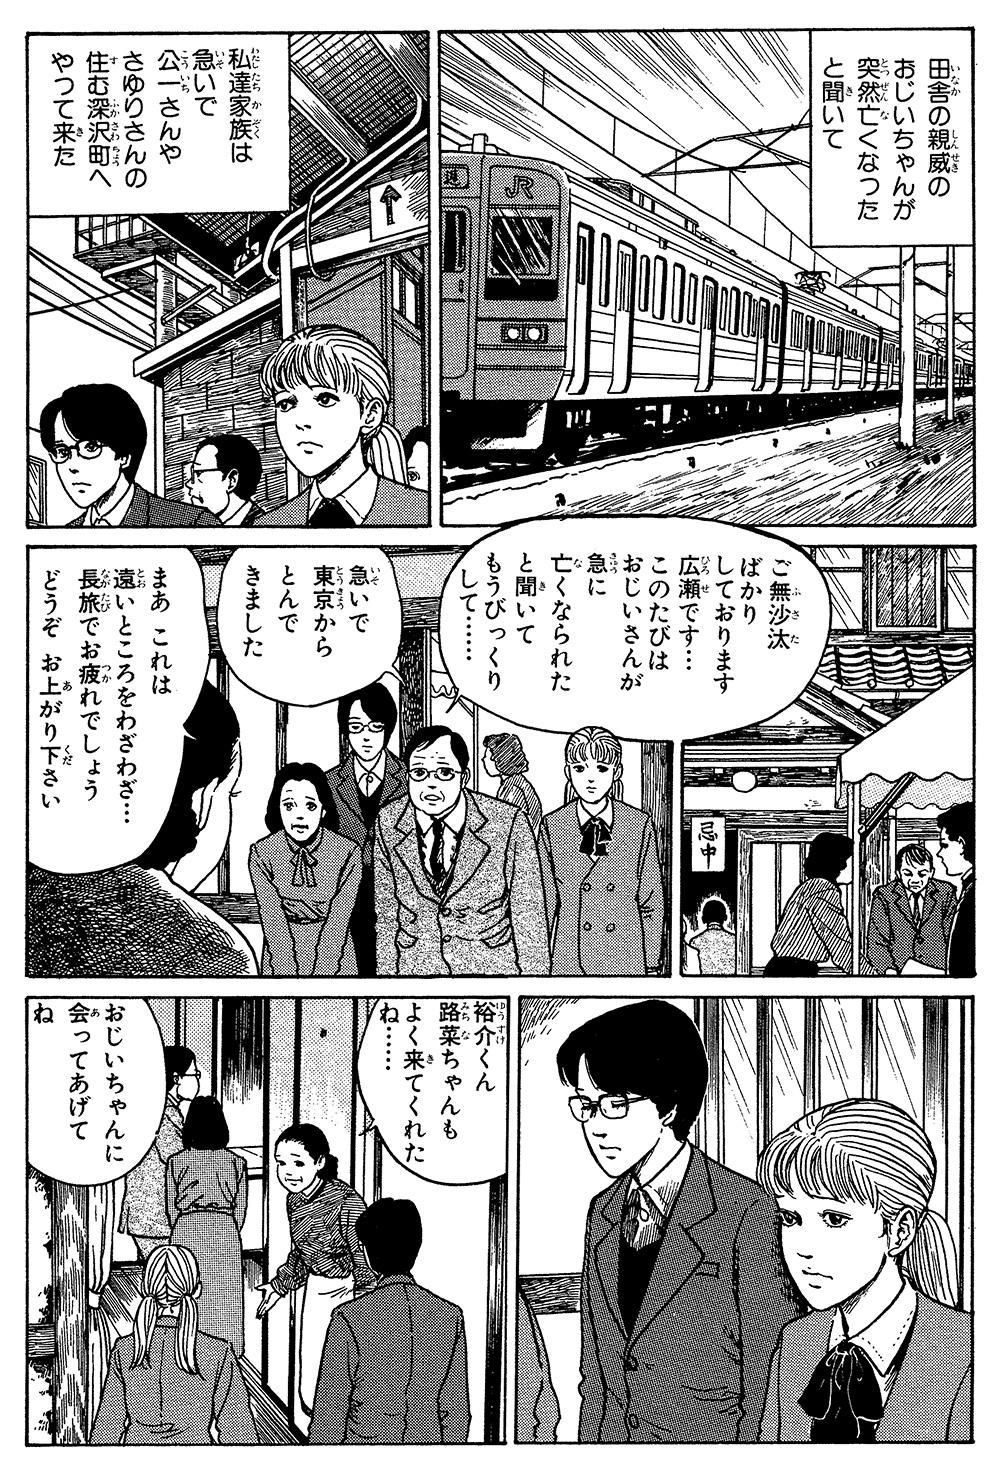 伊藤潤二傑作集「棺桶」①kanoke01-02.jpg